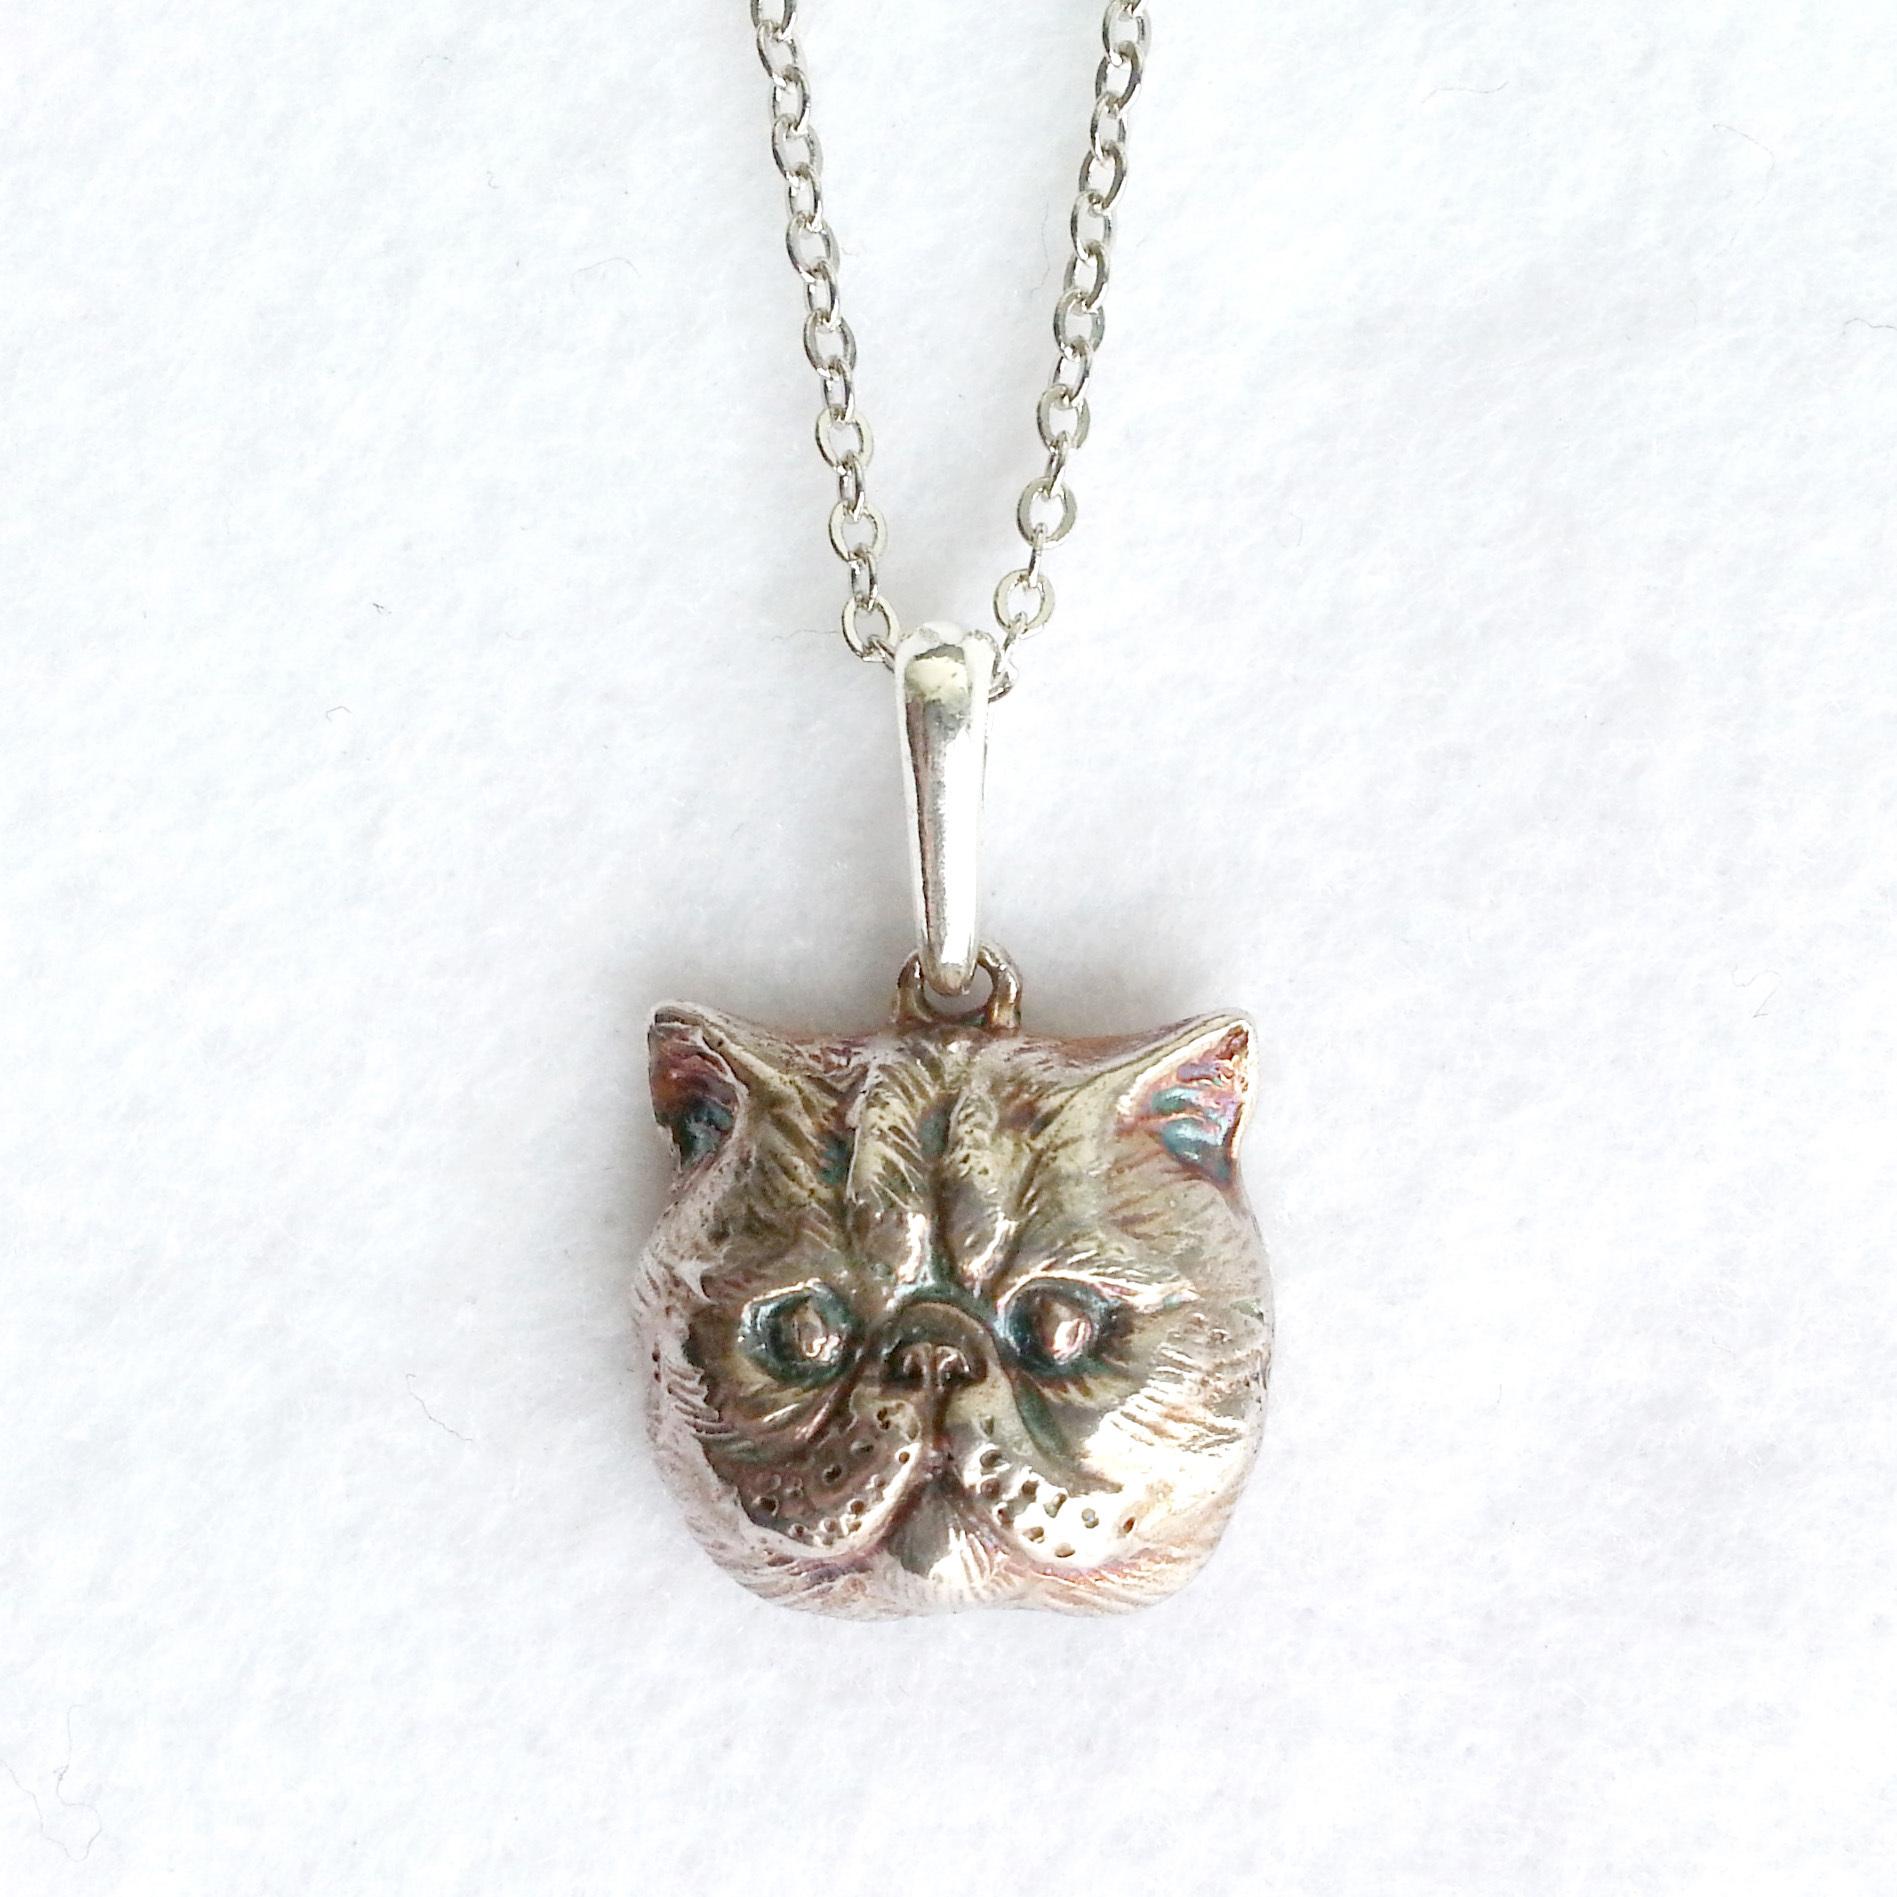 ぺちゃんこねこ・silver925製ペンダント(猫・ネコ・にゃんこ・エキゾチックショートヘア)